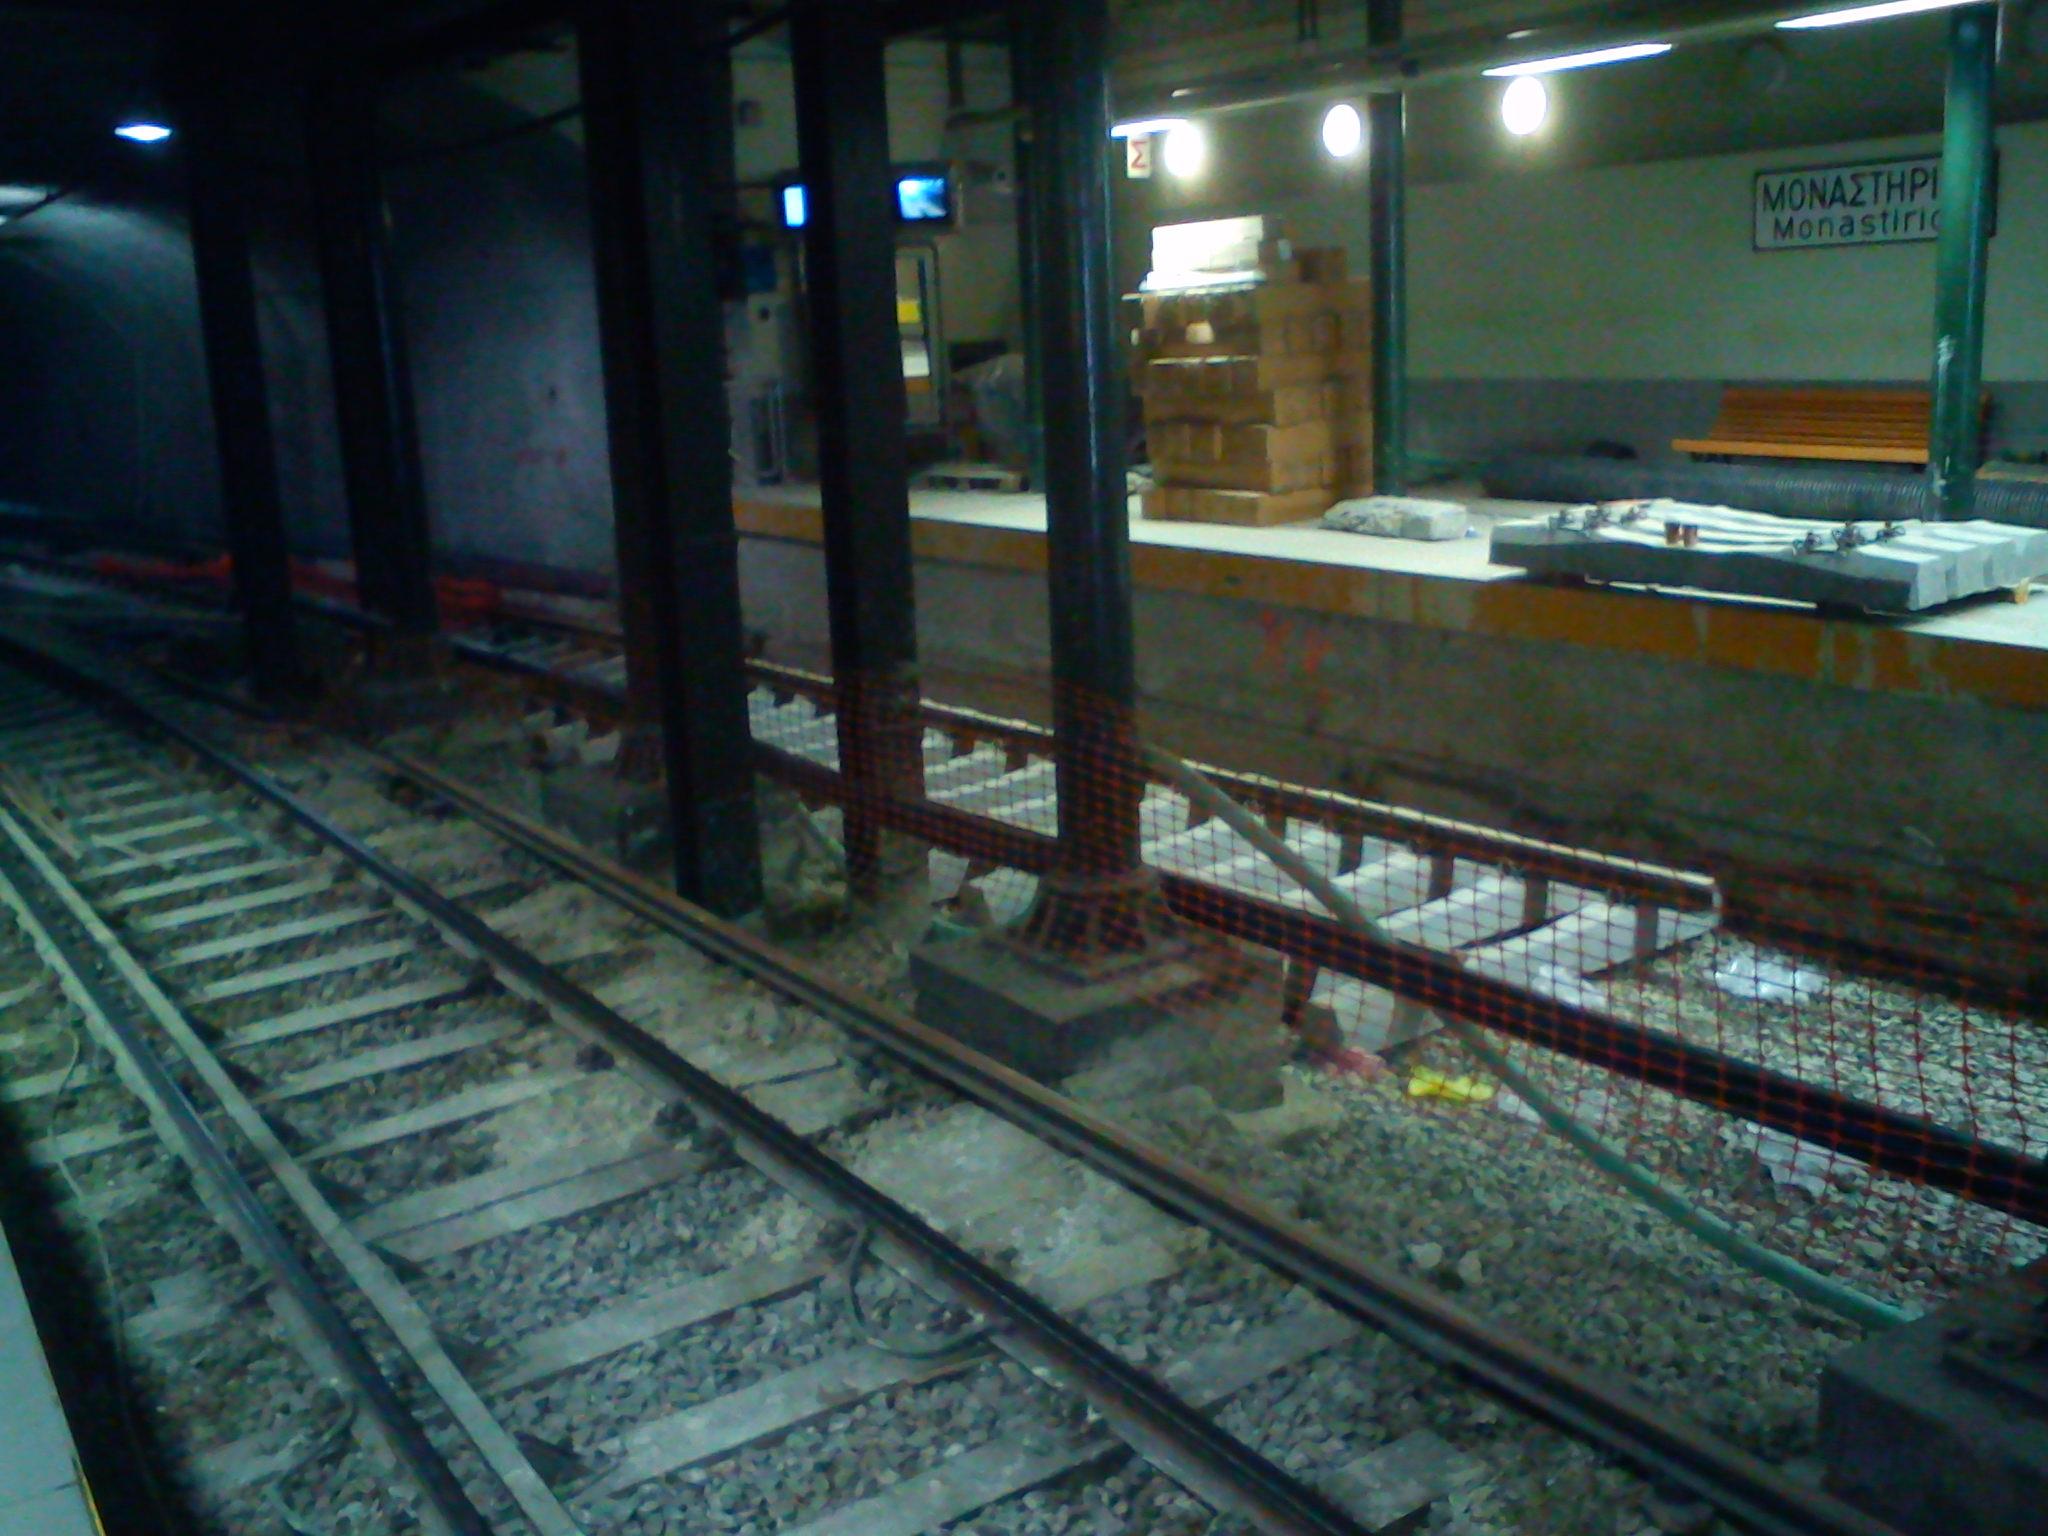 Πρόοδος εργασιών στο σταθμό Μοναστηράκι (18/05/2011) Πηγή: Ovelikios